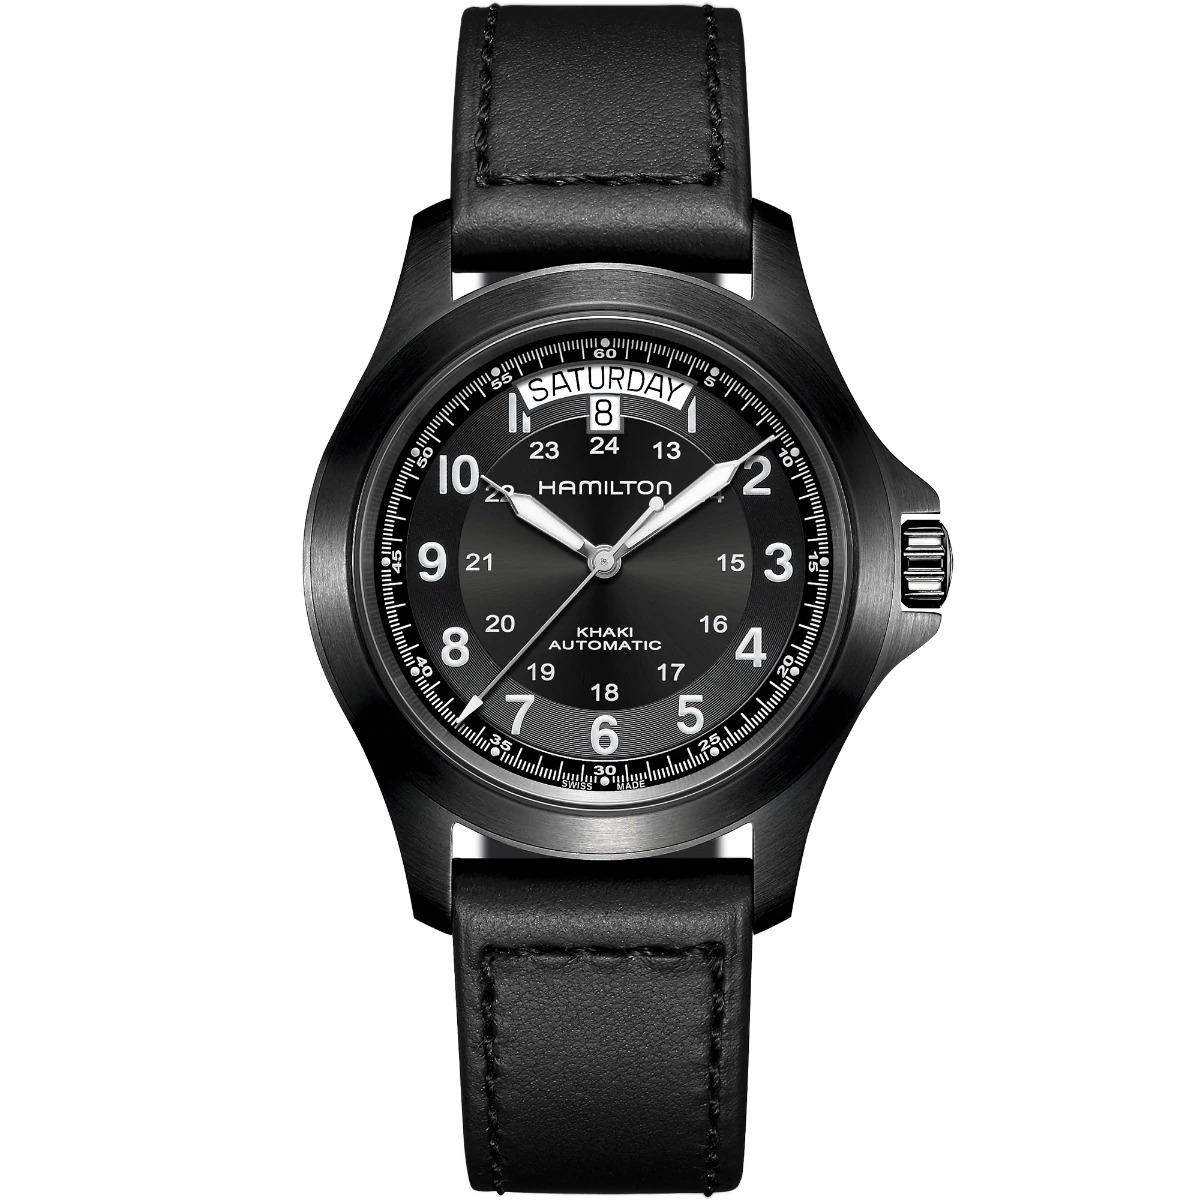 正規品 送料無料 人気ブレゼント 機械式 メンズ ハミルトン HAMILTON H64465733 カーキ フィールド 出荷 40mm 腕時計 キング オート